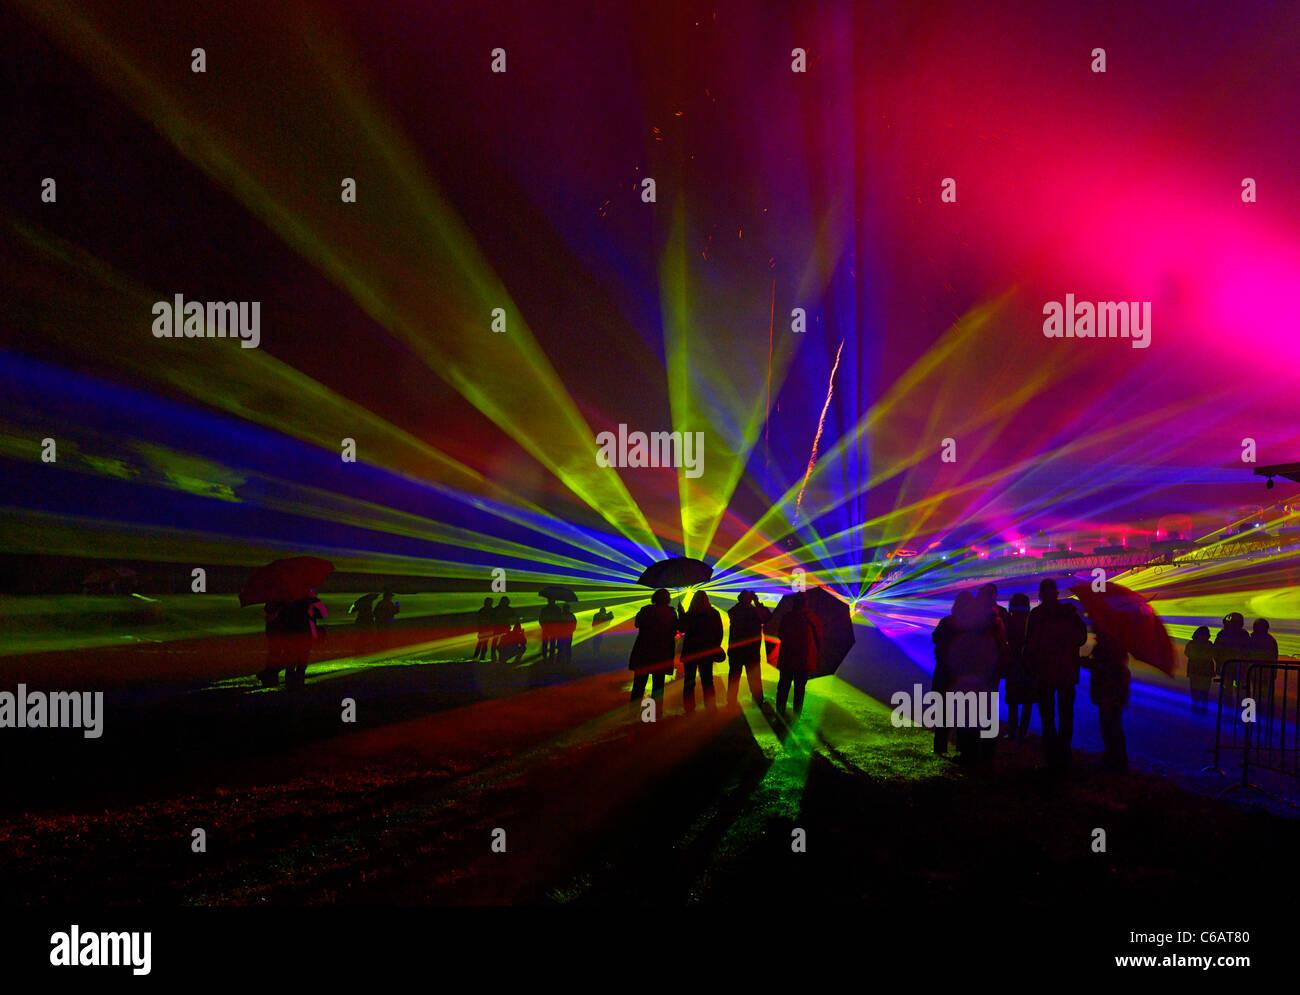 Arte de luz, show de láser, espectáculo multimedia, pyro show, luces de Pascua, Kalkriese, distrito de Imagen De Stock